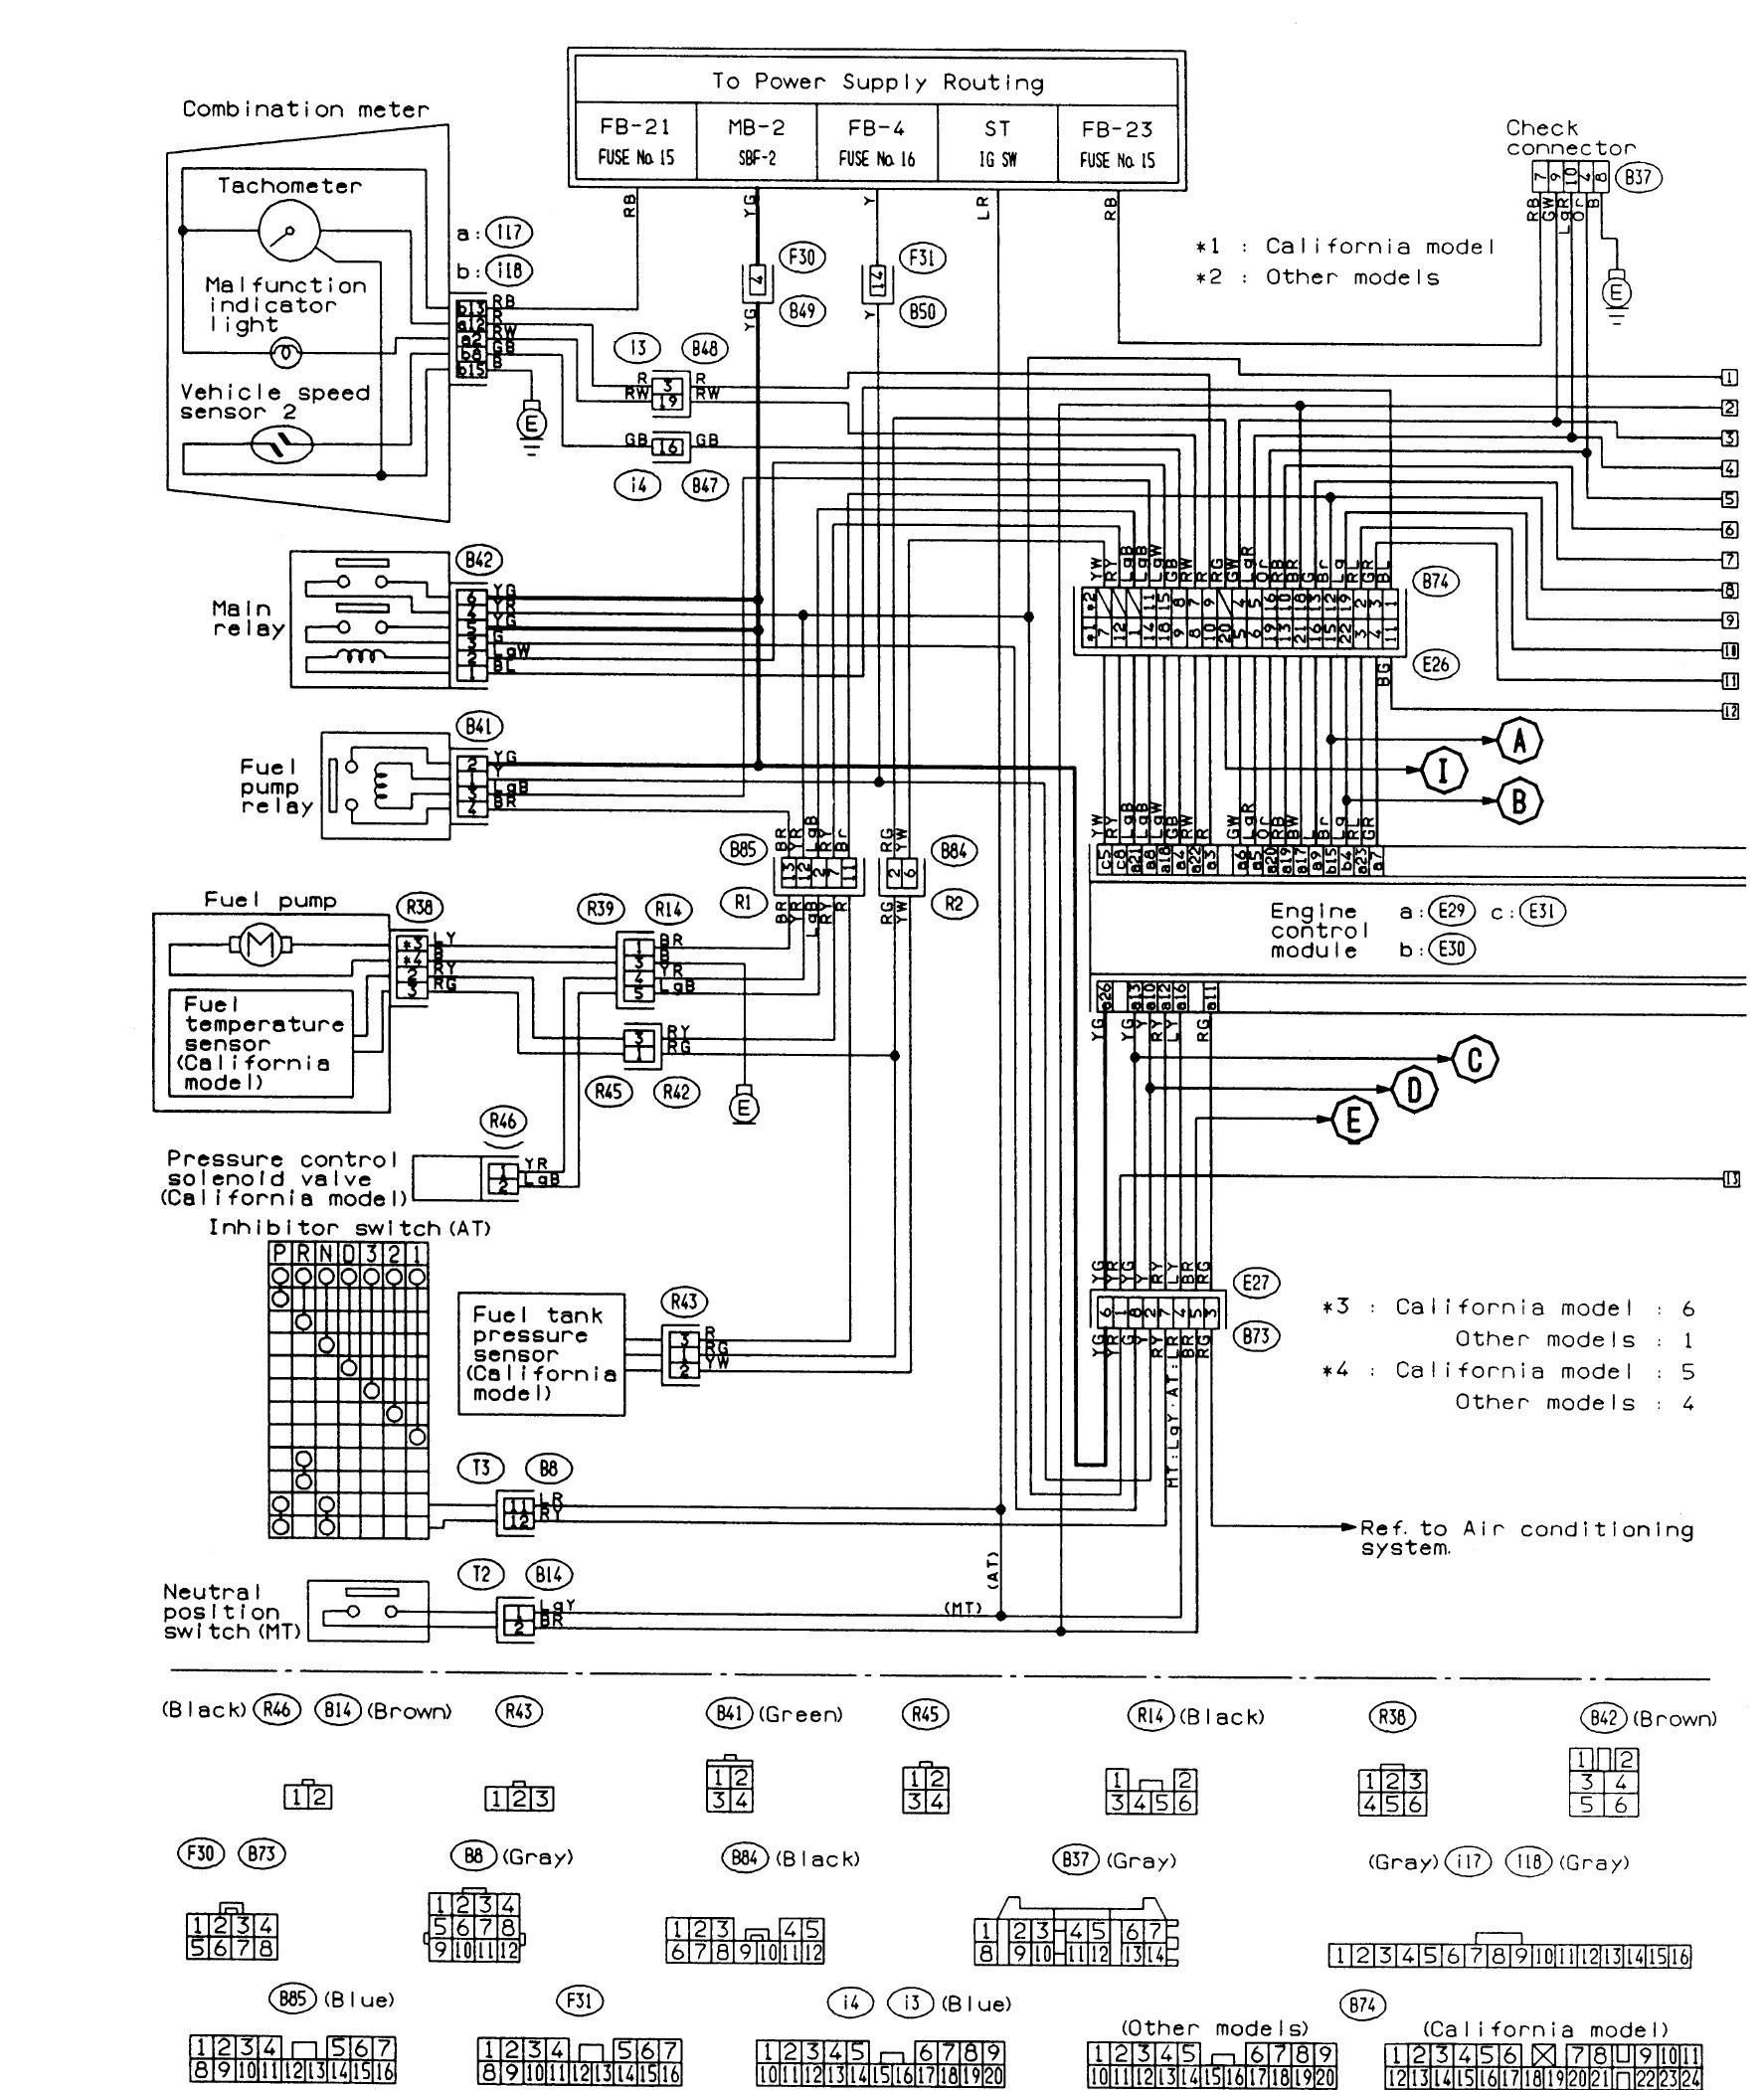 Subaru Sti Engine Diagram Subaru 2 5 Engine Diagram Addition 2000 Subaru Impreza 2 5 Rs Subaru Of Subaru Sti Engine Diagram